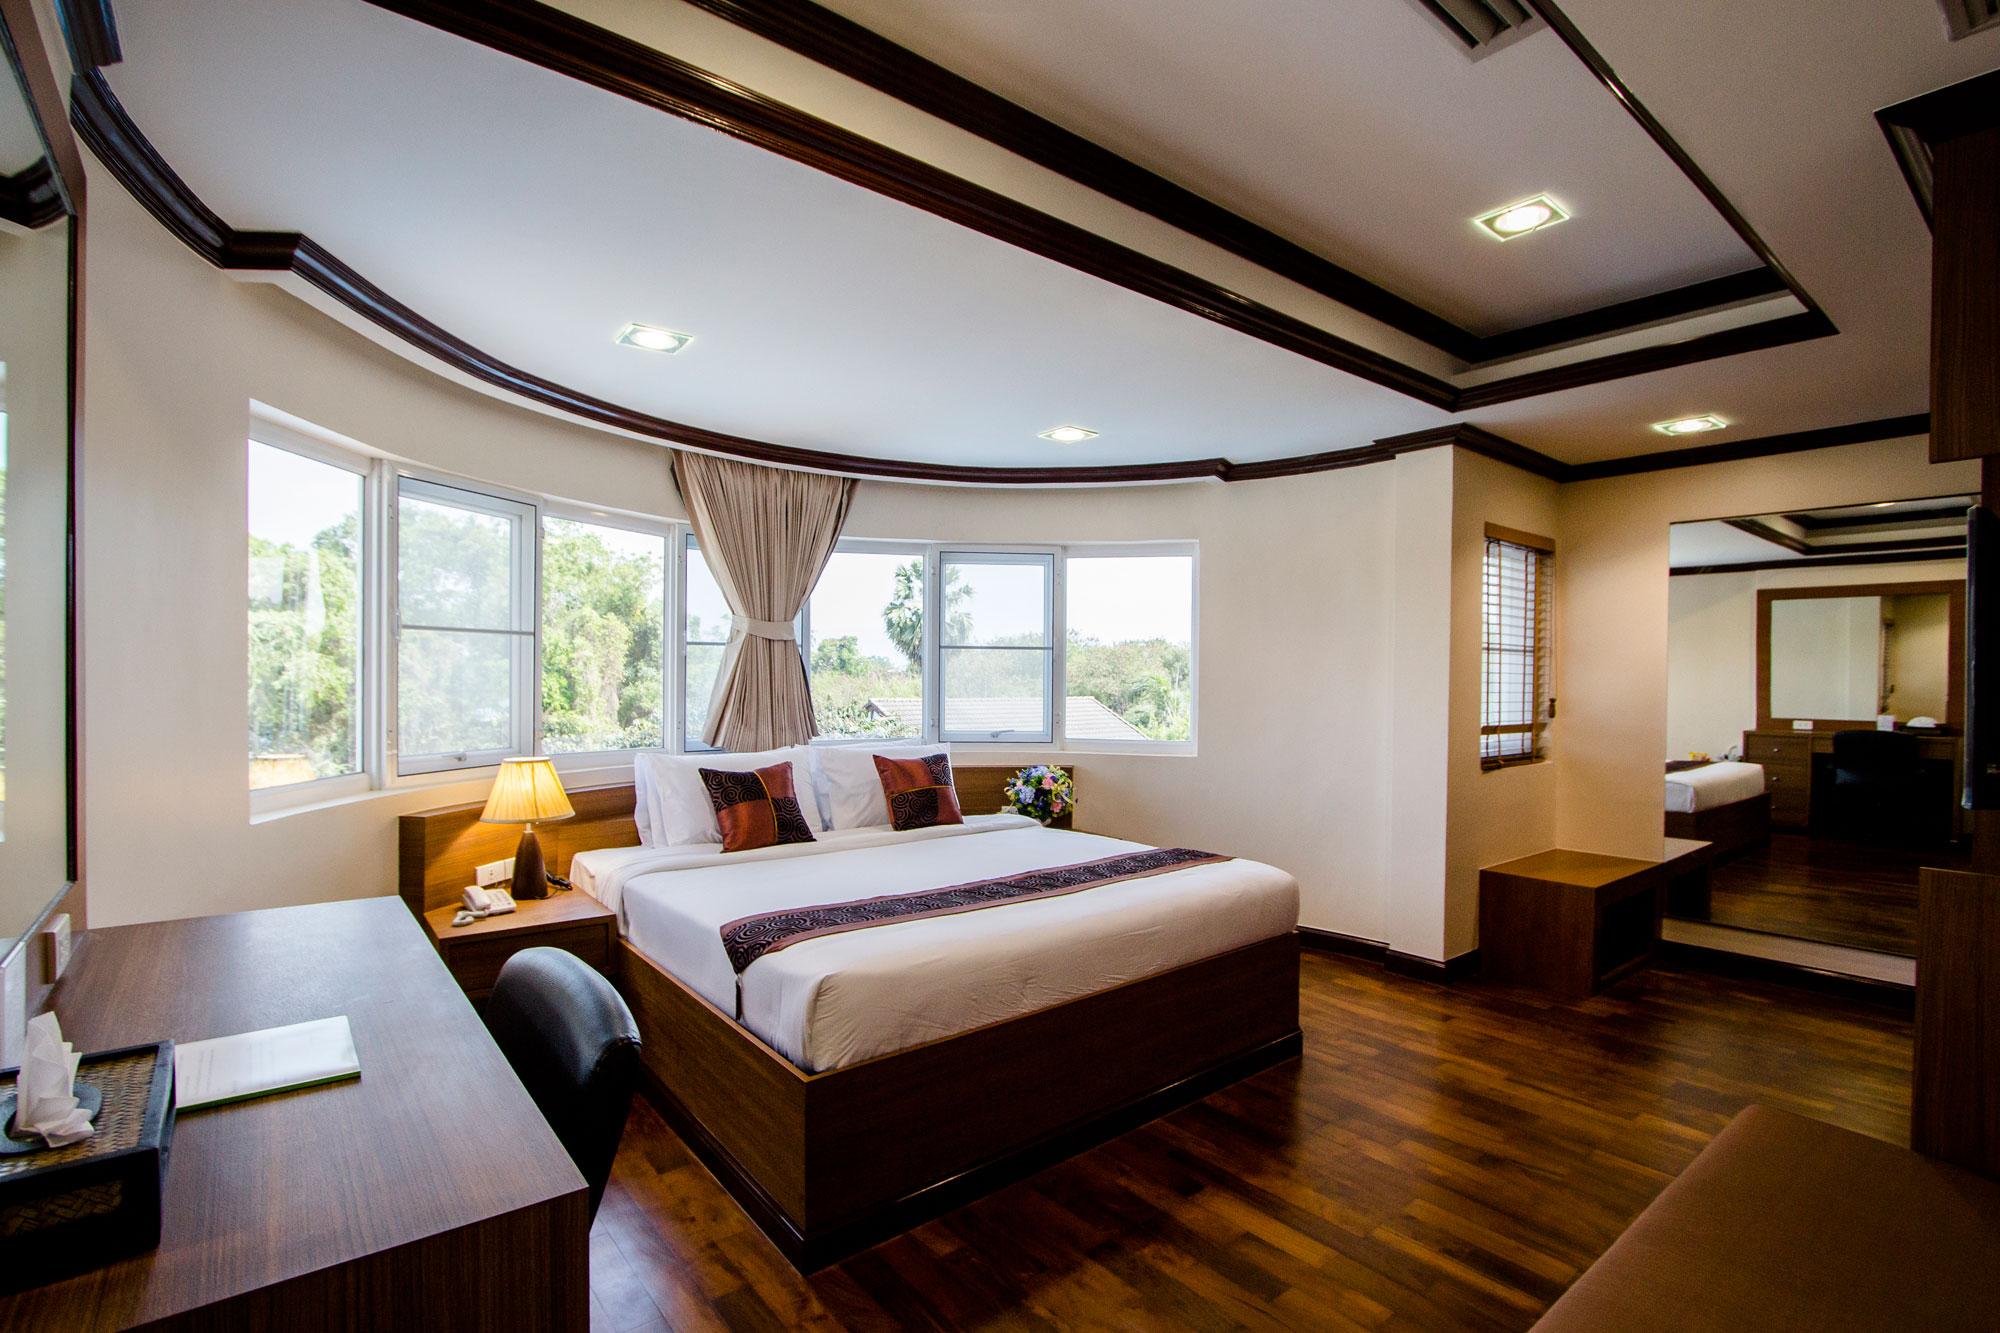 โรงแรมบางแสน ชลบุรี